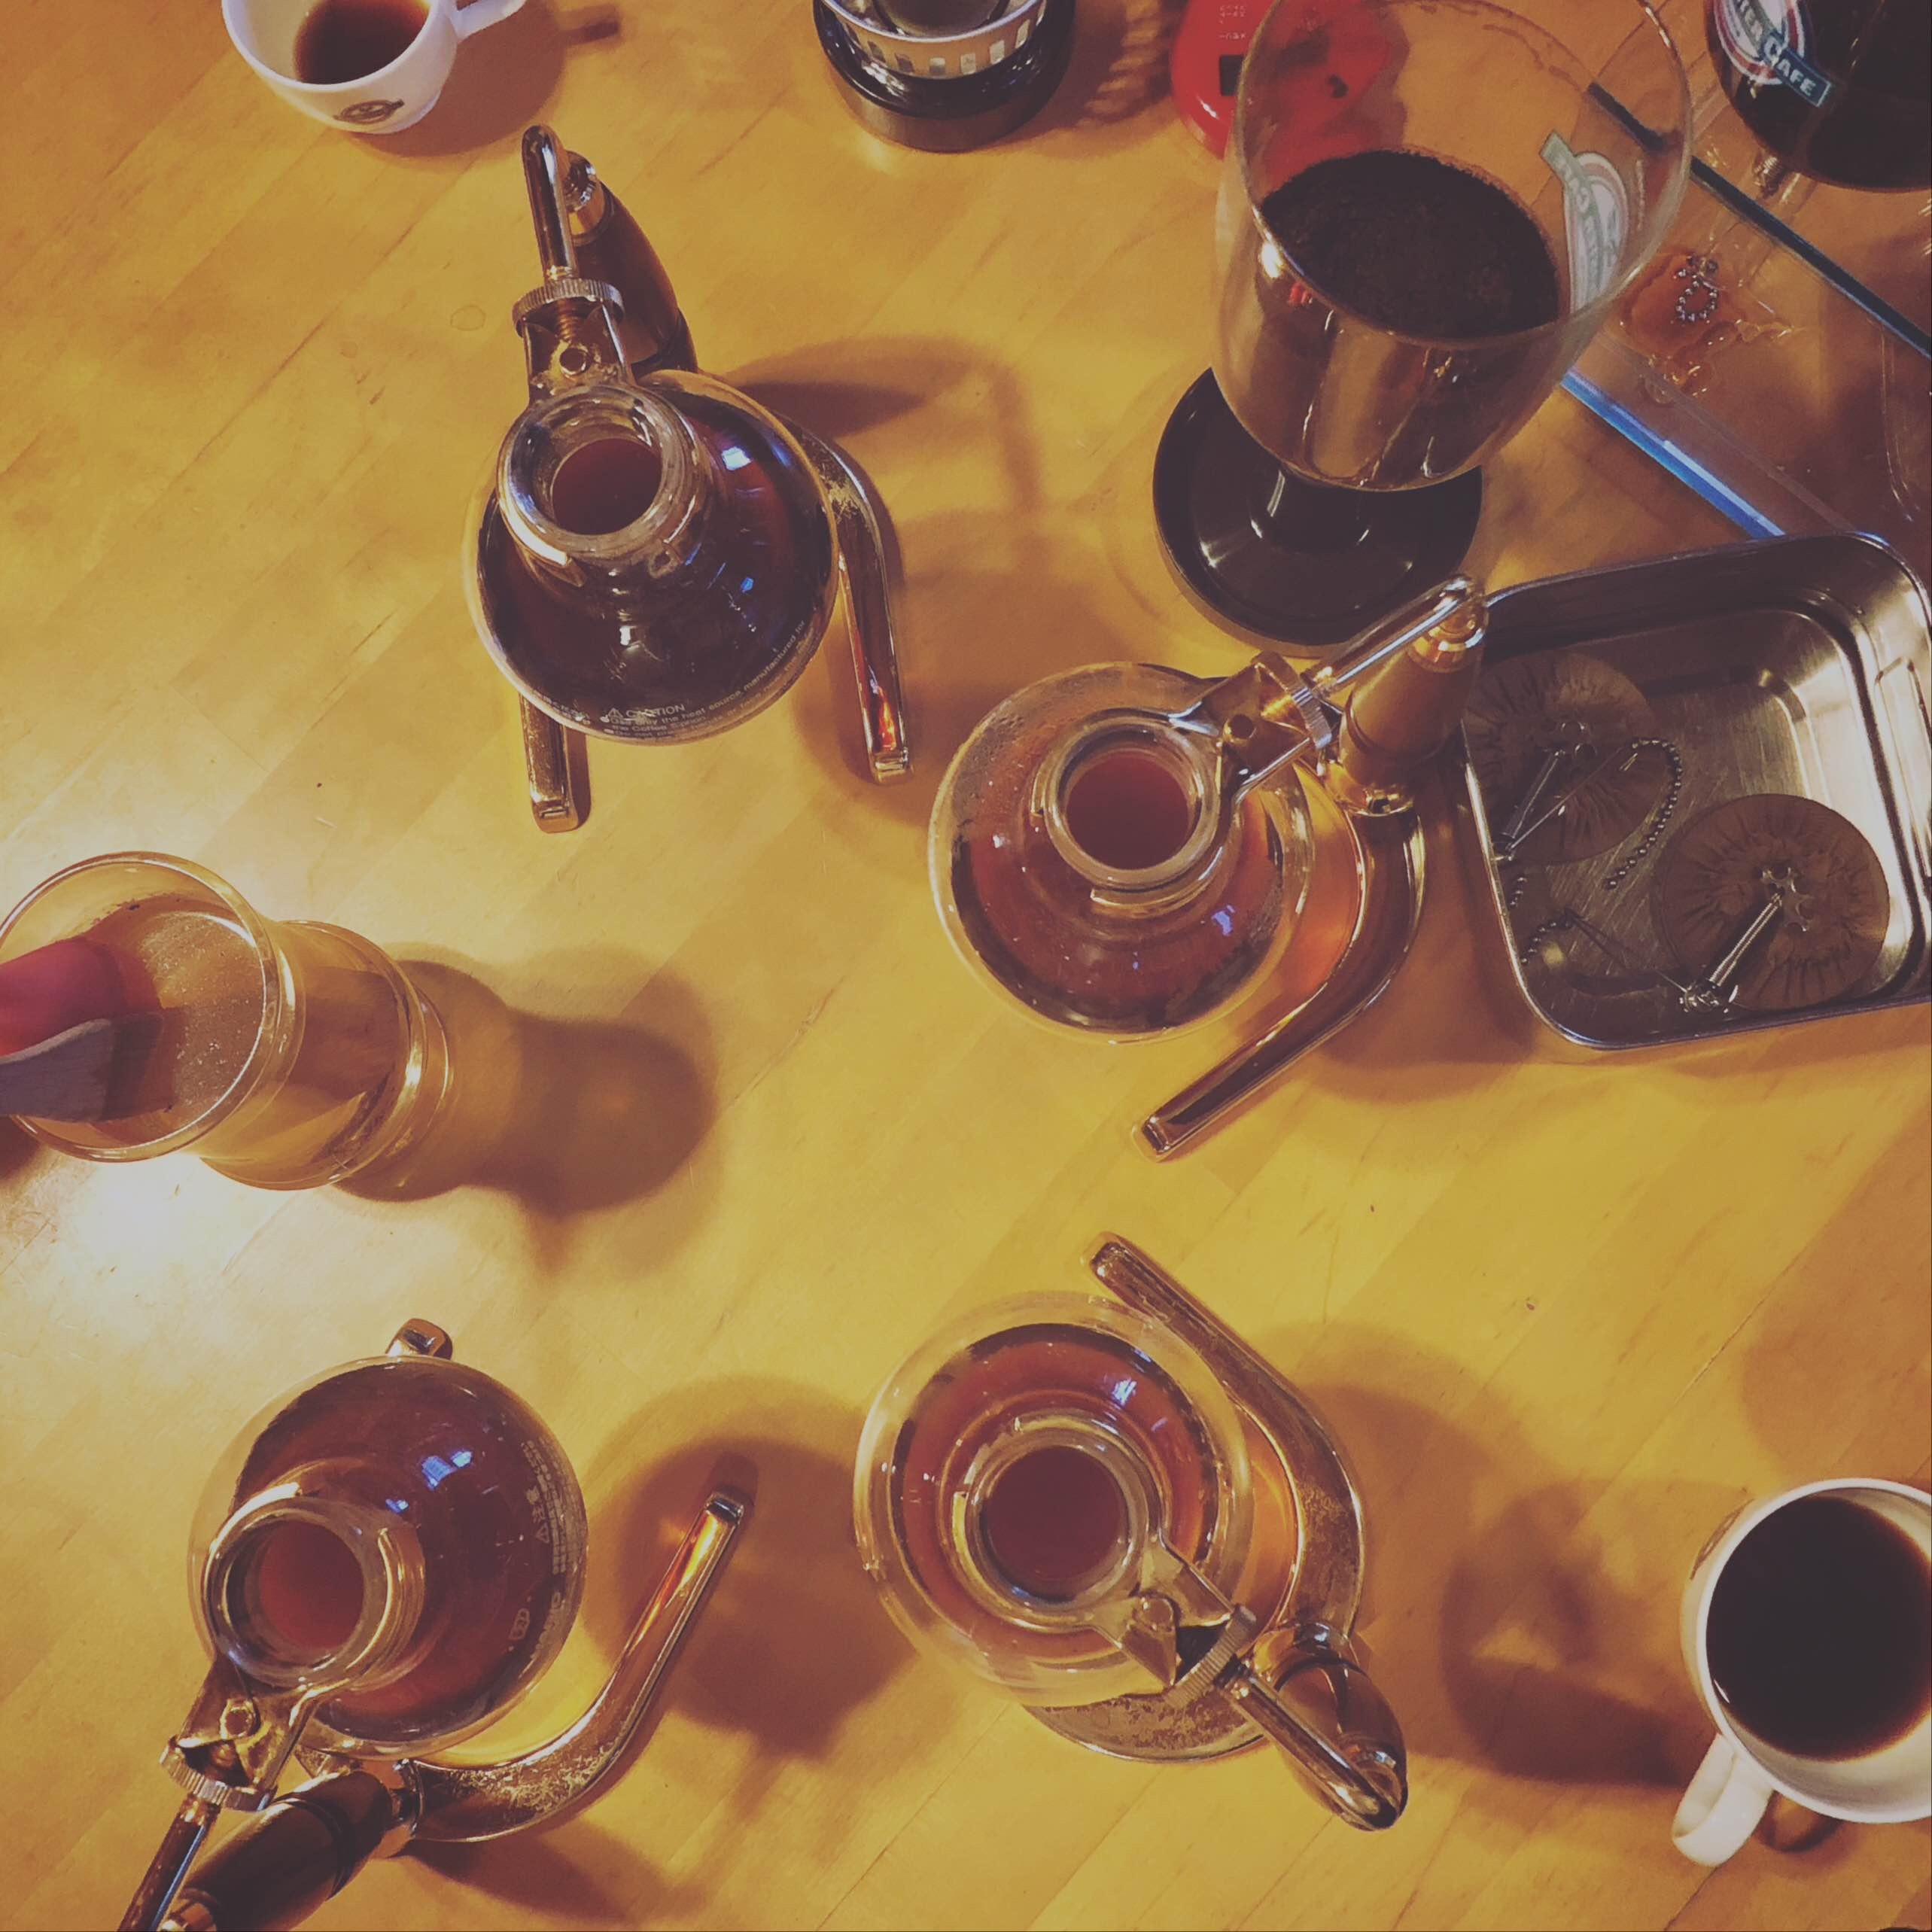 【オンライン】コーヒー相談室⭐︎コーヒー豆100g付き